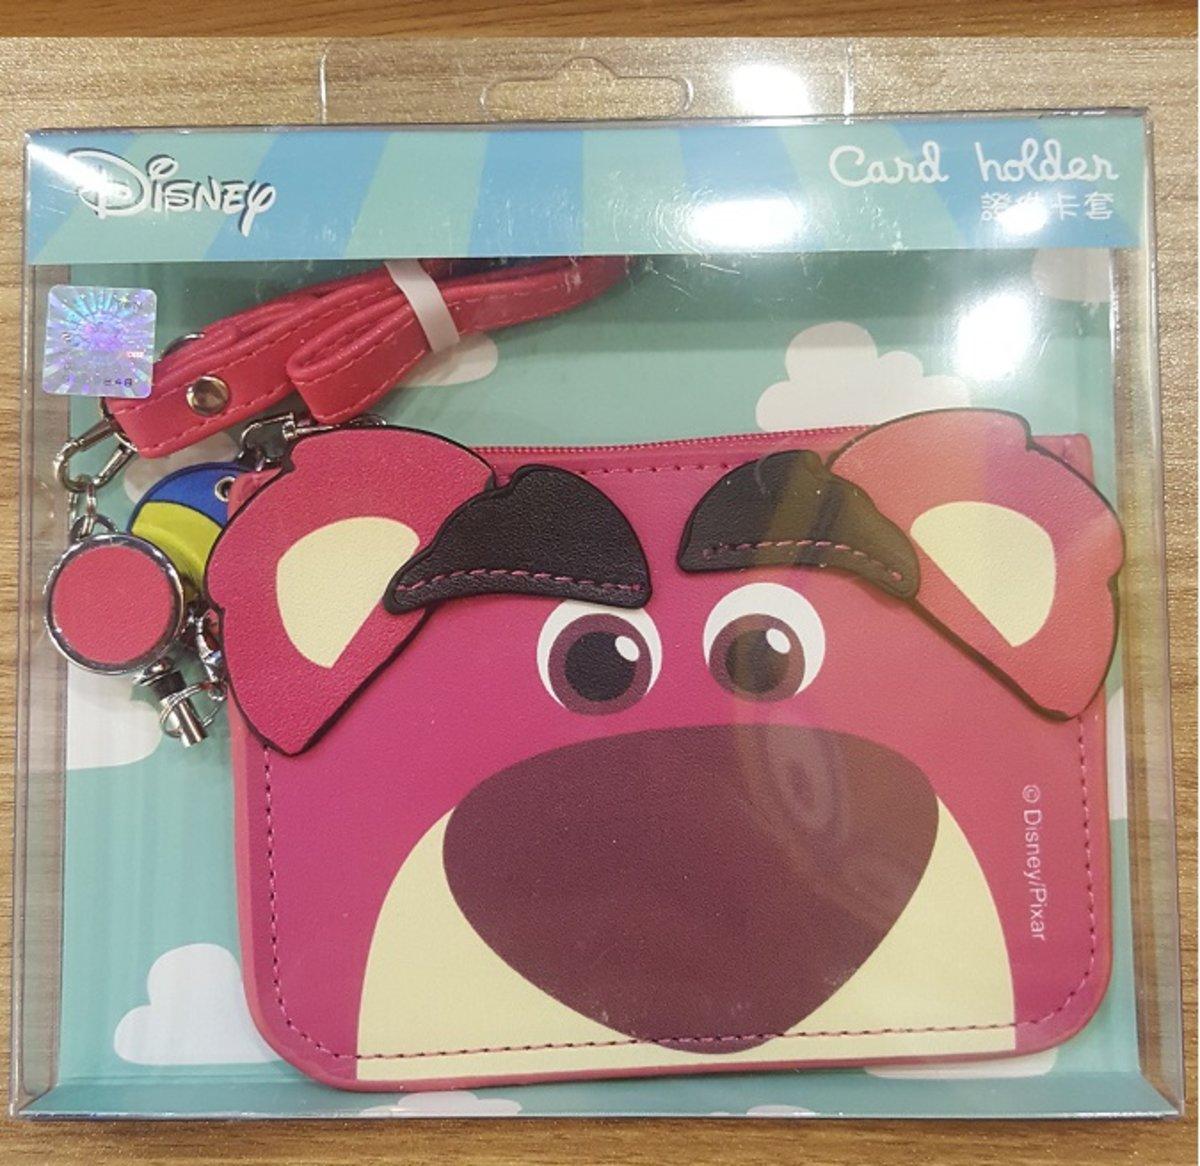 Disney Card Holder Lotso D71-1-0104